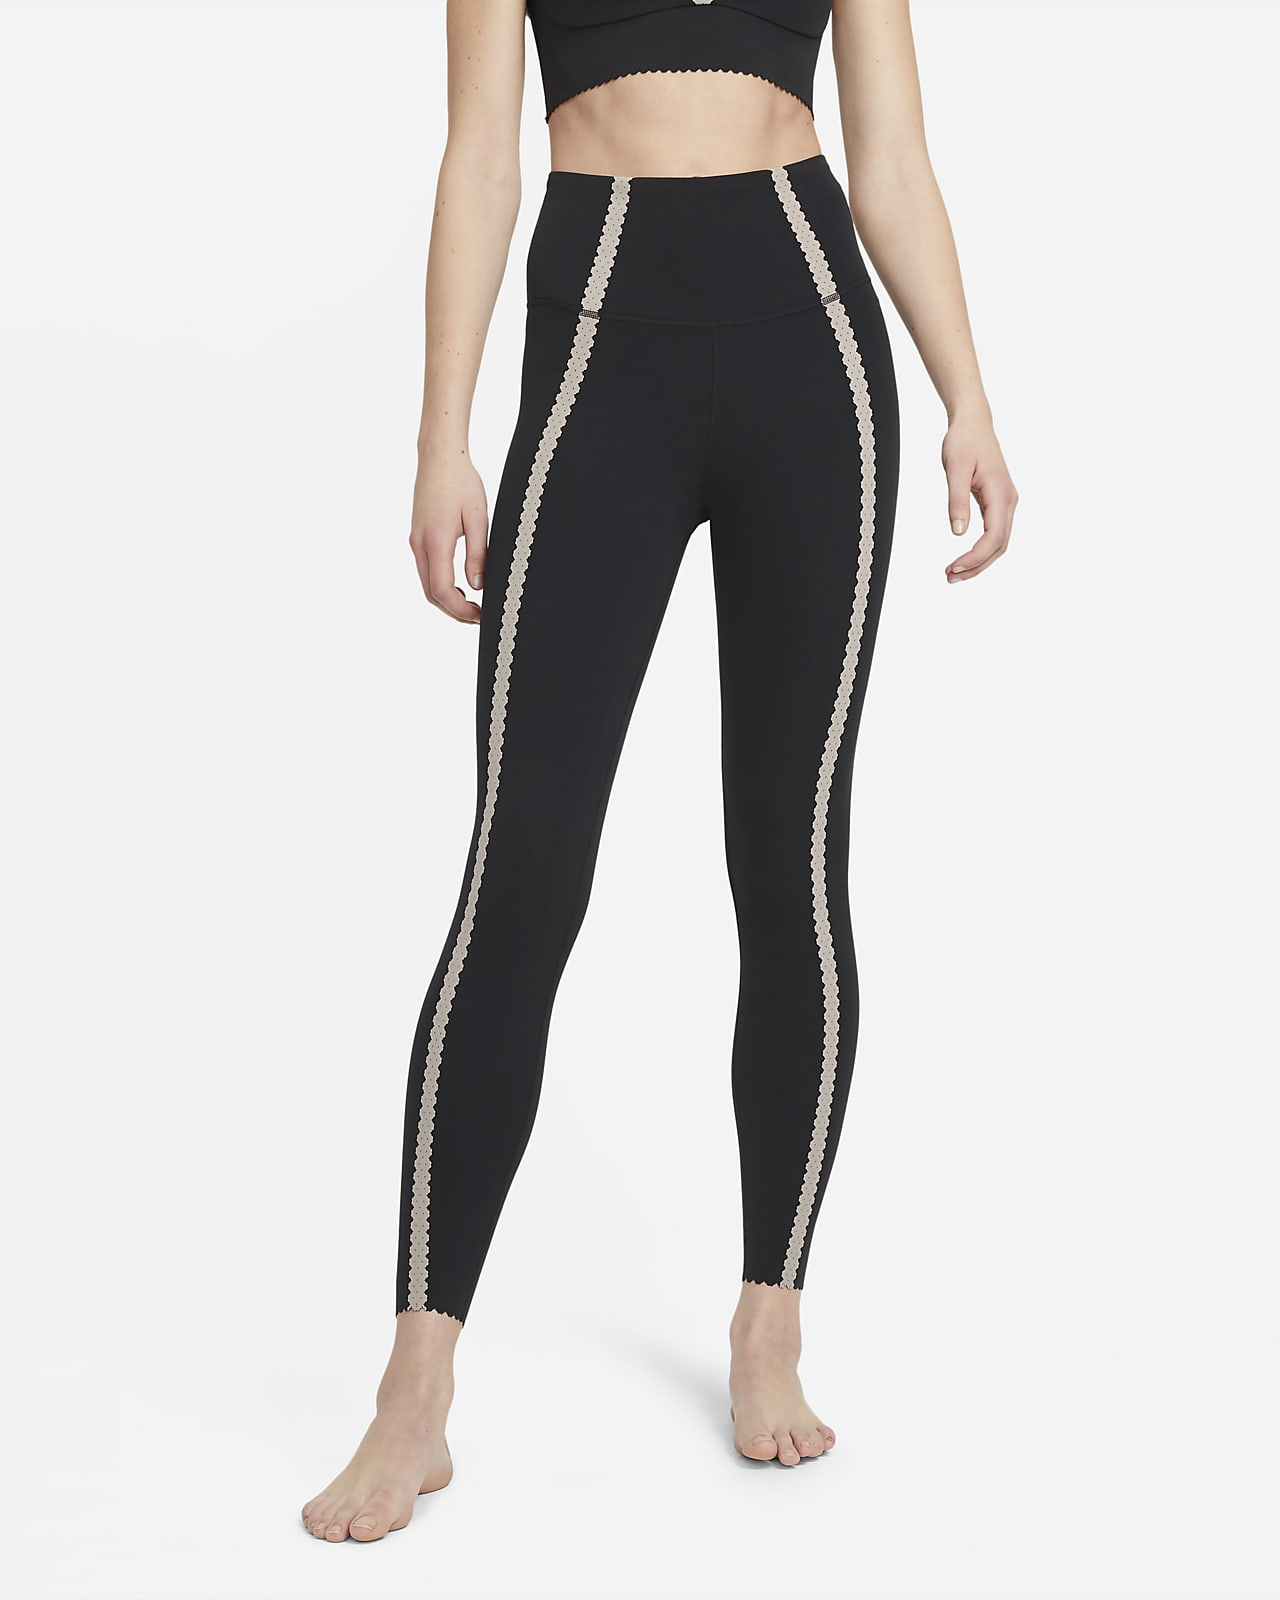 Dámské 7/8 legíny Nike Yoga Luxe svysokým pasem aočky